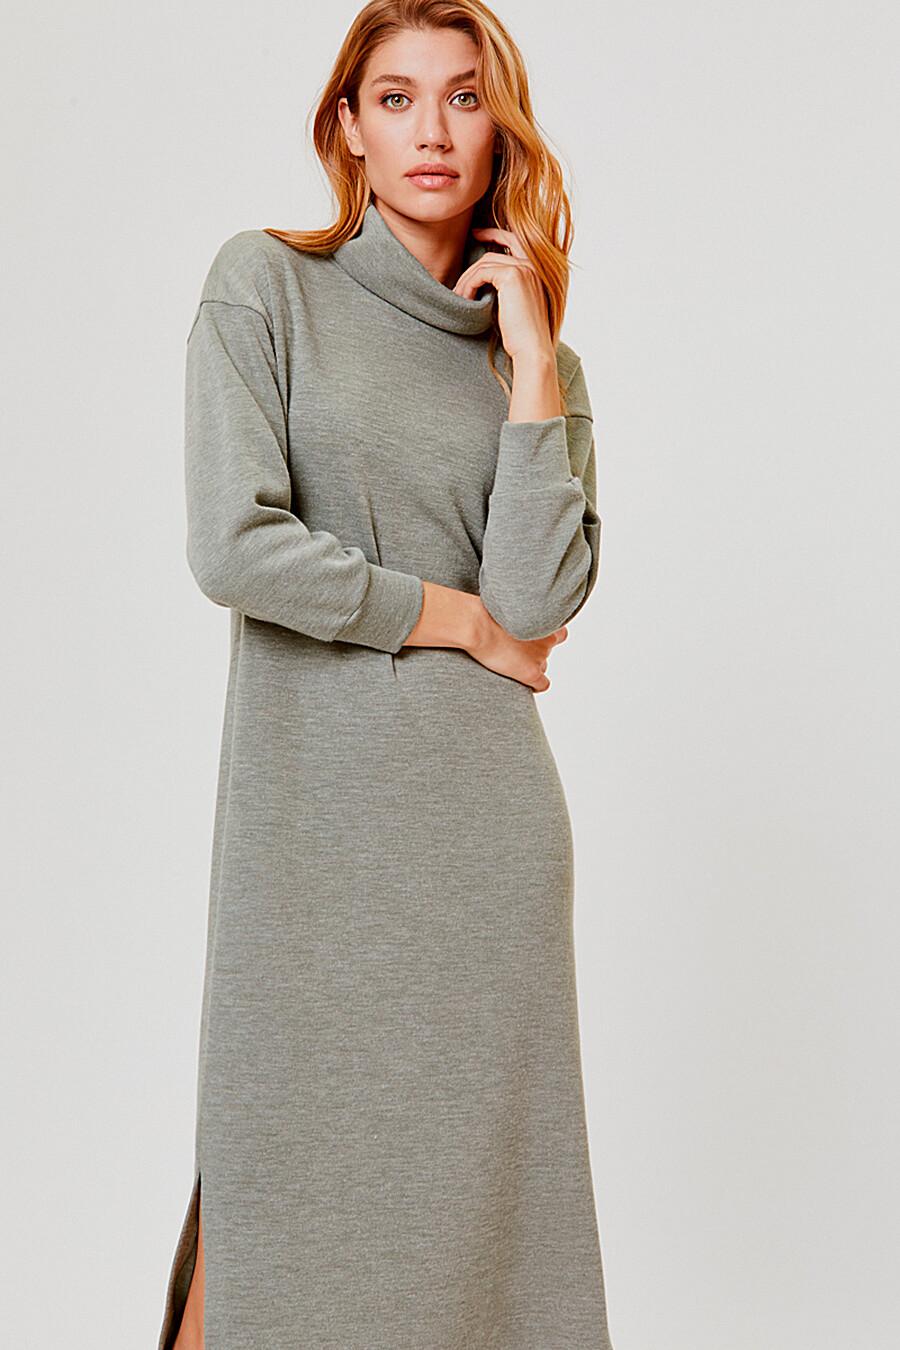 Платье для женщин VITTORIA VICCI 247623 купить оптом от производителя. Совместная покупка женской одежды в OptMoyo